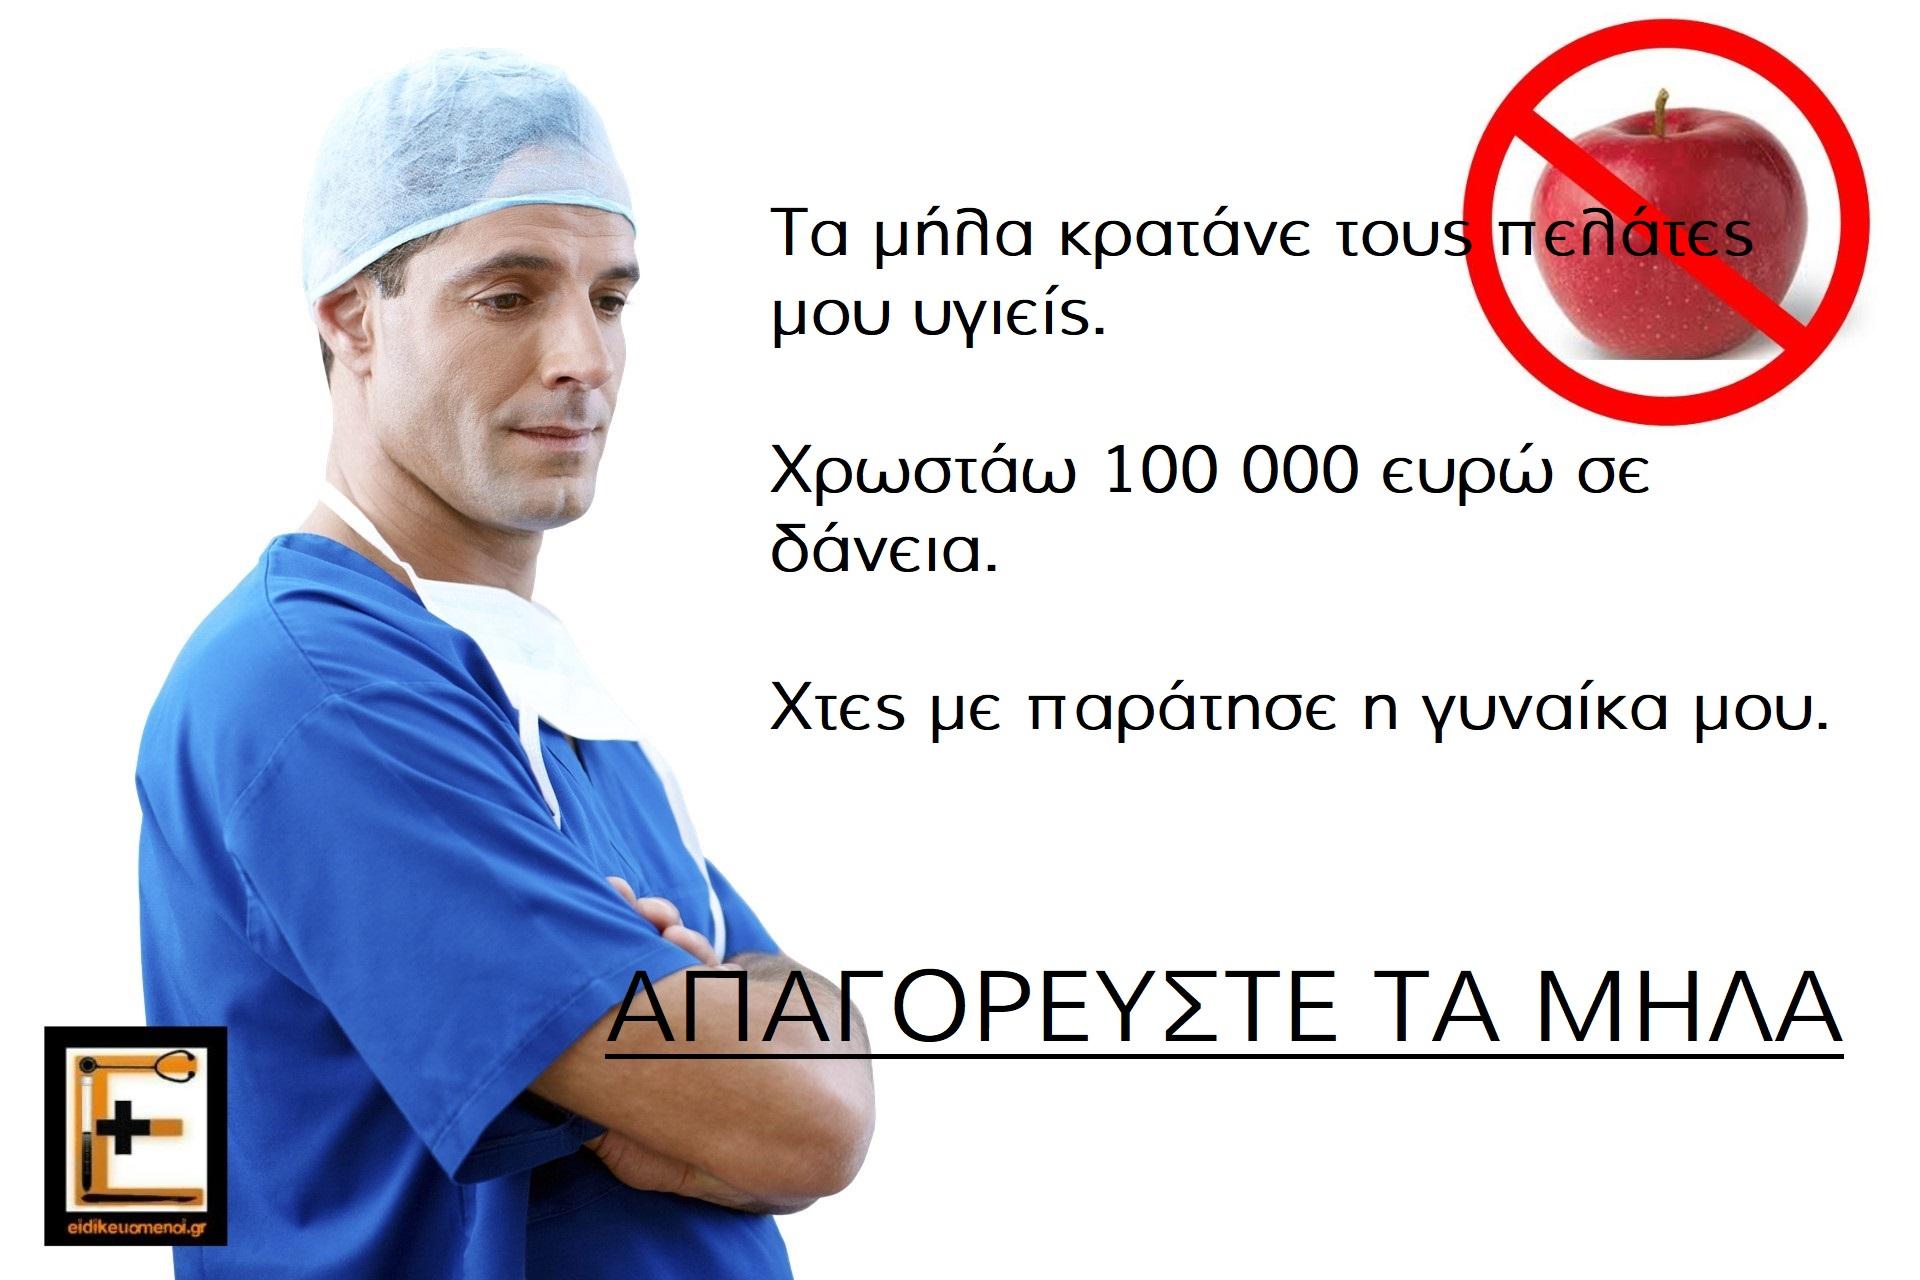 Τα μήλα κρατάνει τους πελάτες μου υγιείς. Χρωστάω 100 000 ευρώ σε δάνεια. Χτες με παράτησε η γυναίκα μου. Απαγορεύστε τα μήλα